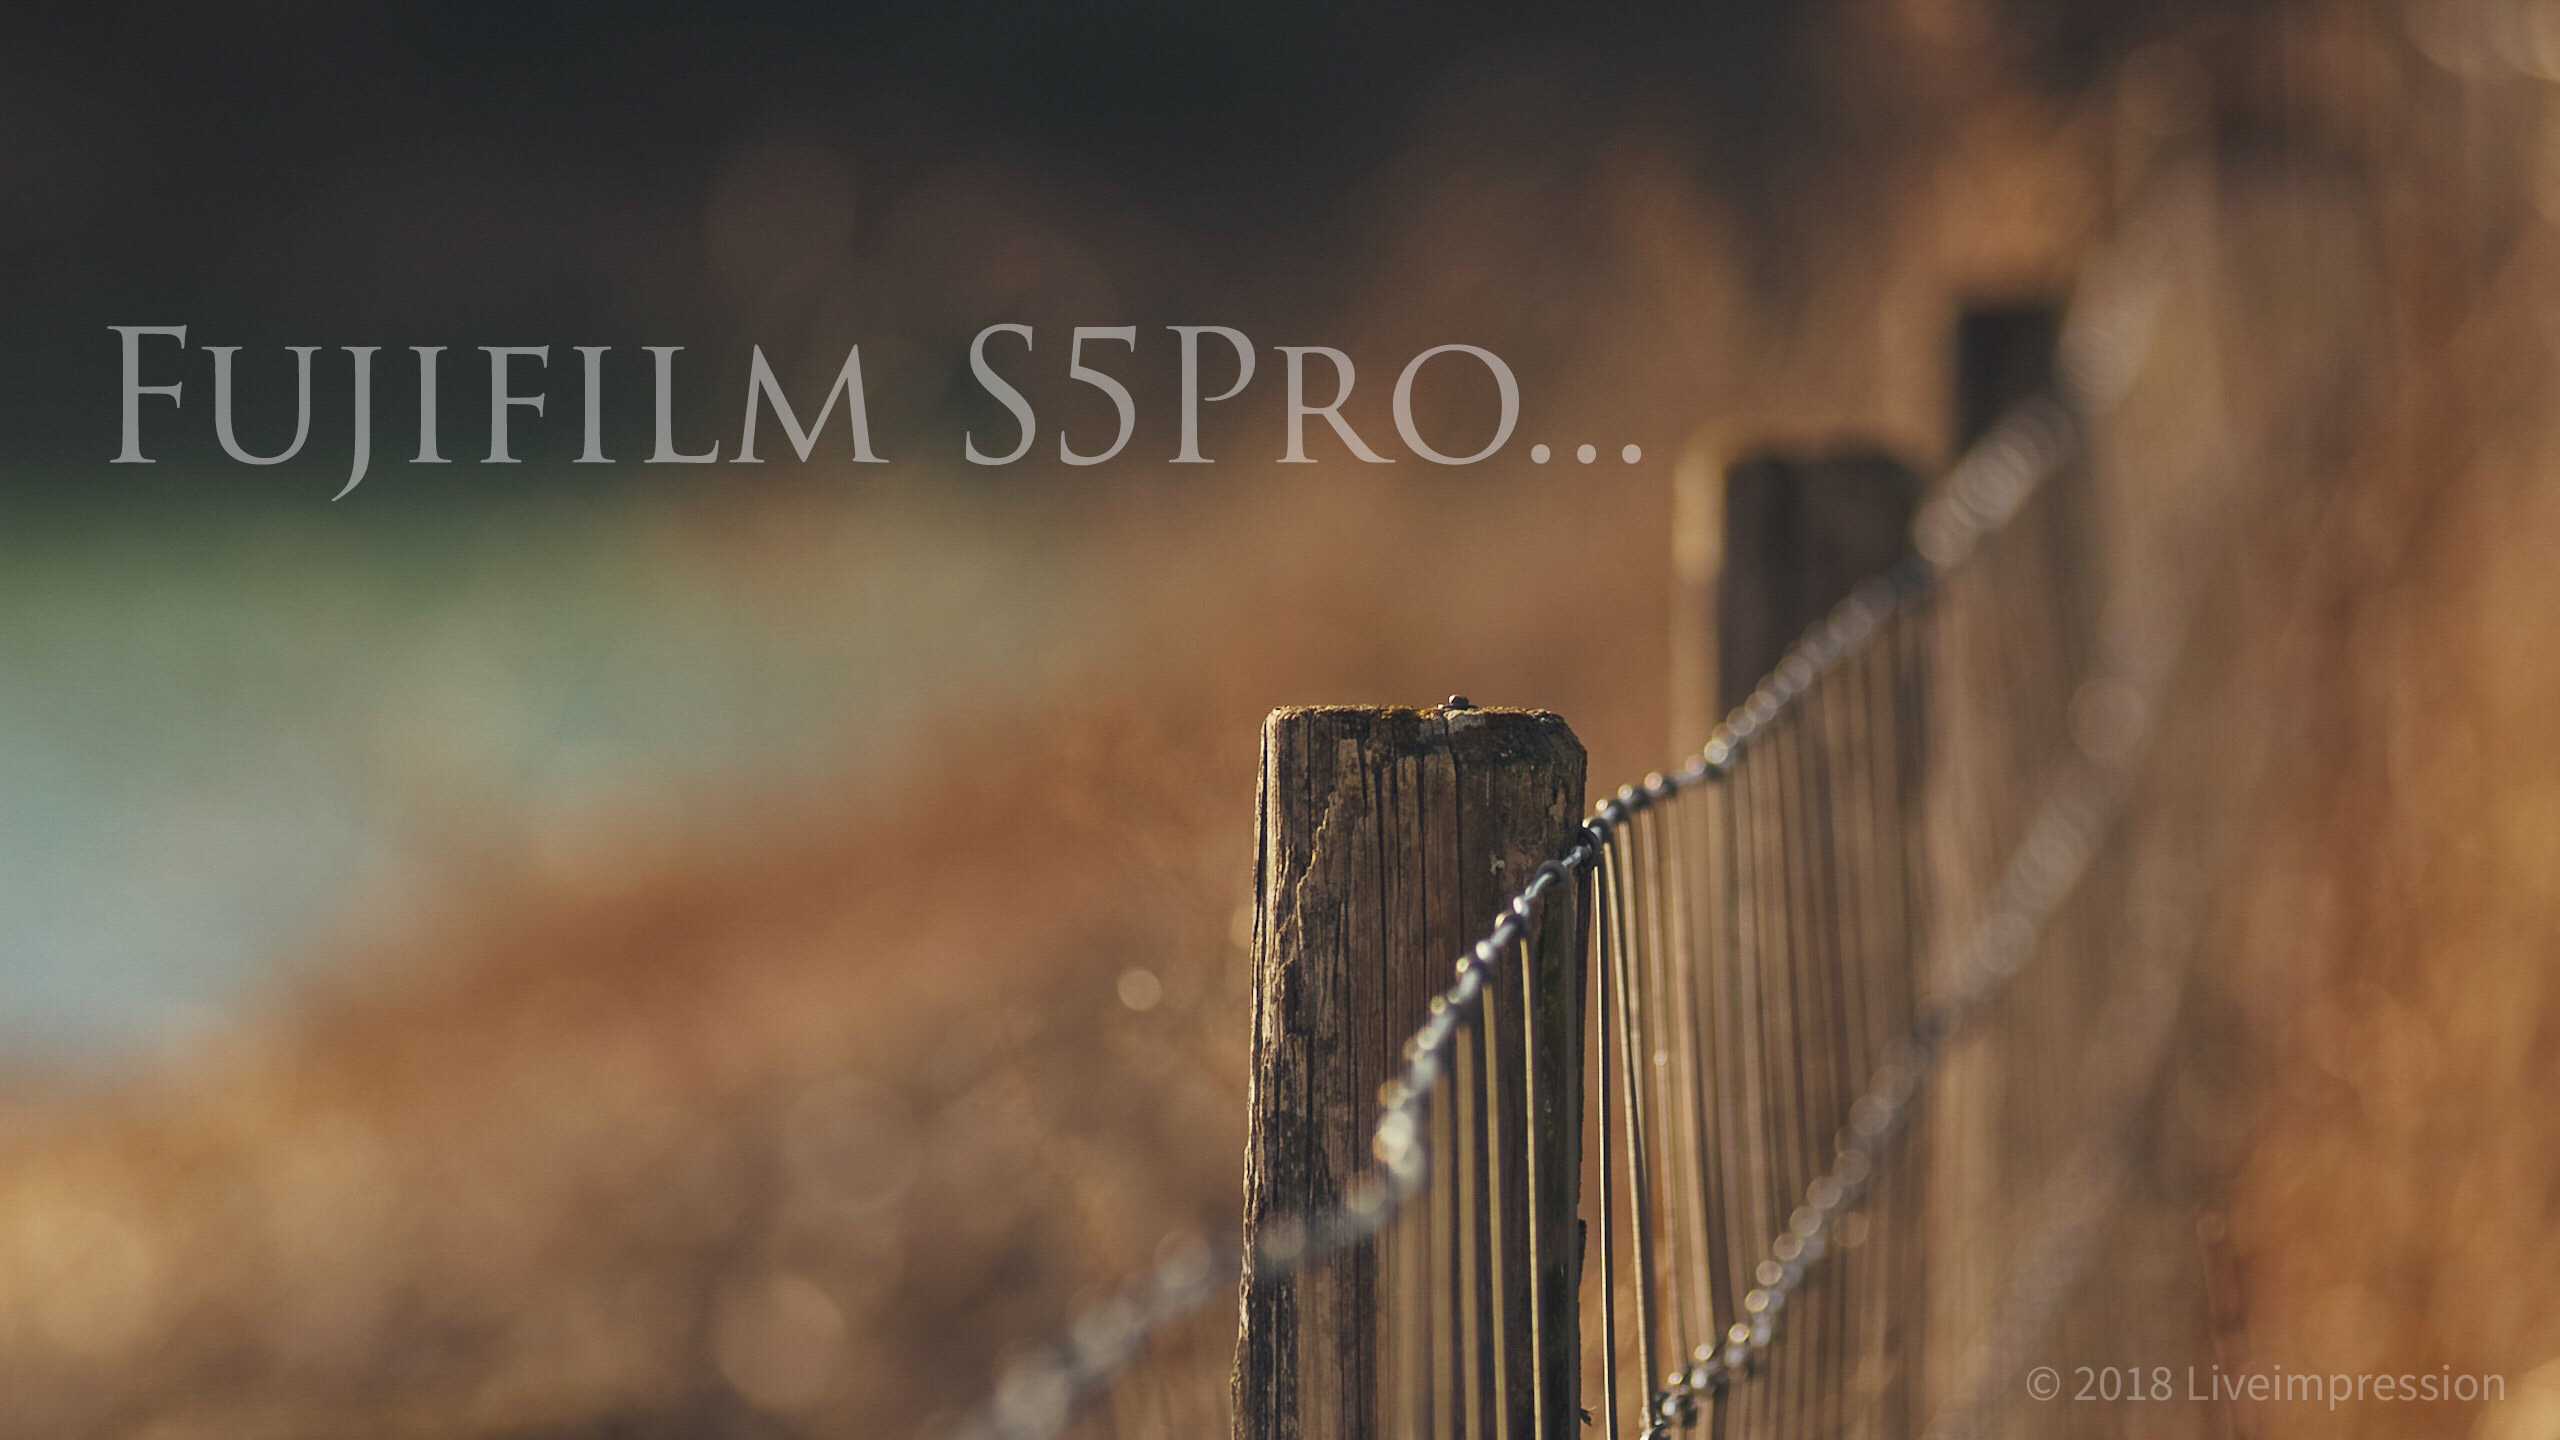 LIVEIMPRESSION - Fujifilm FINEPIX S5pro & S2Pro